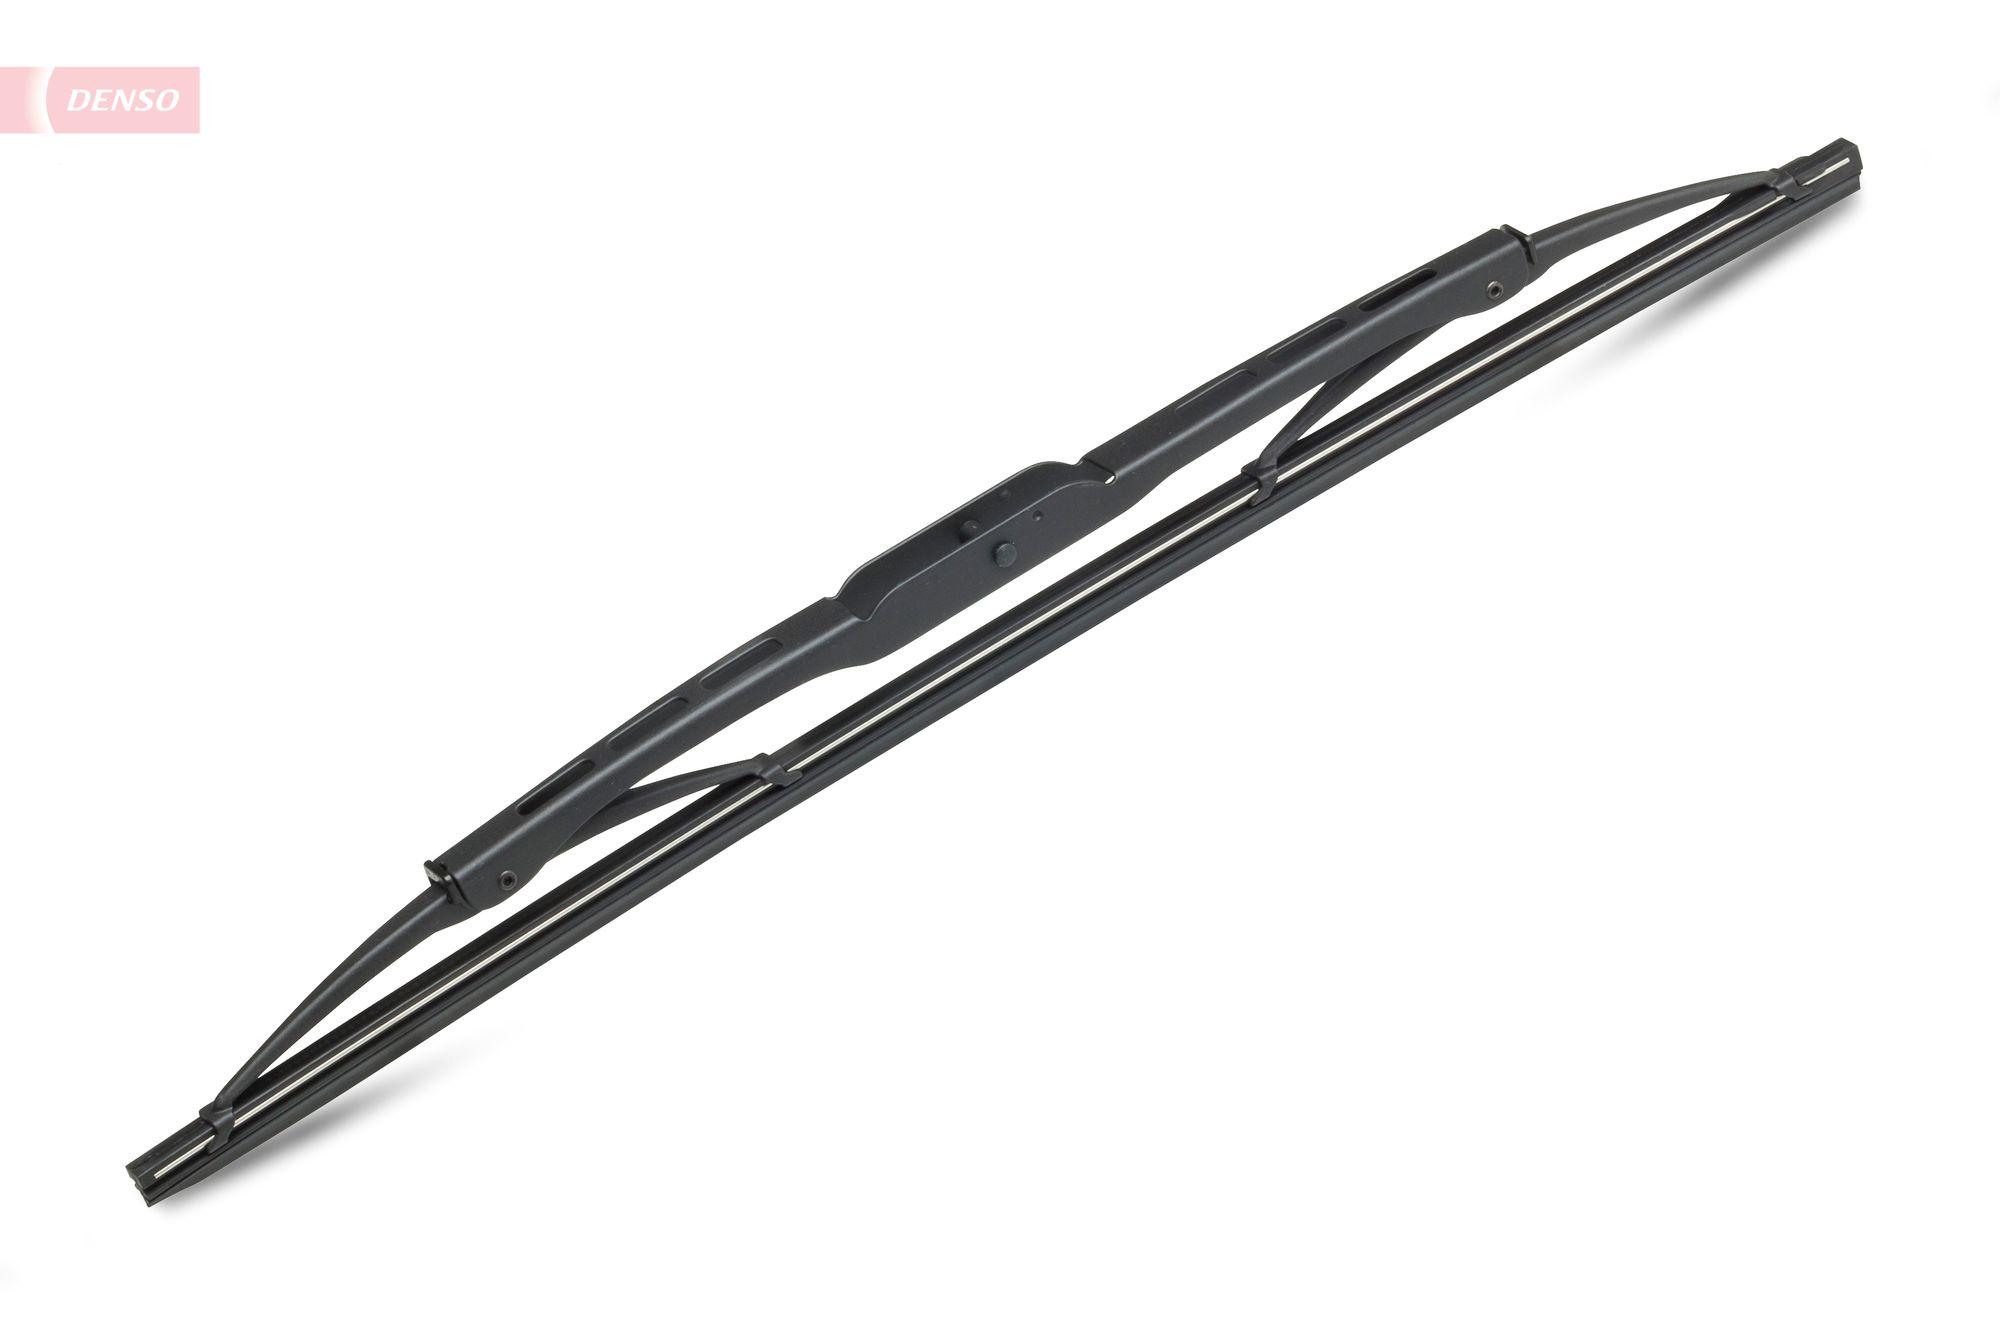 DENSO Standard DM-038 Wischblatt